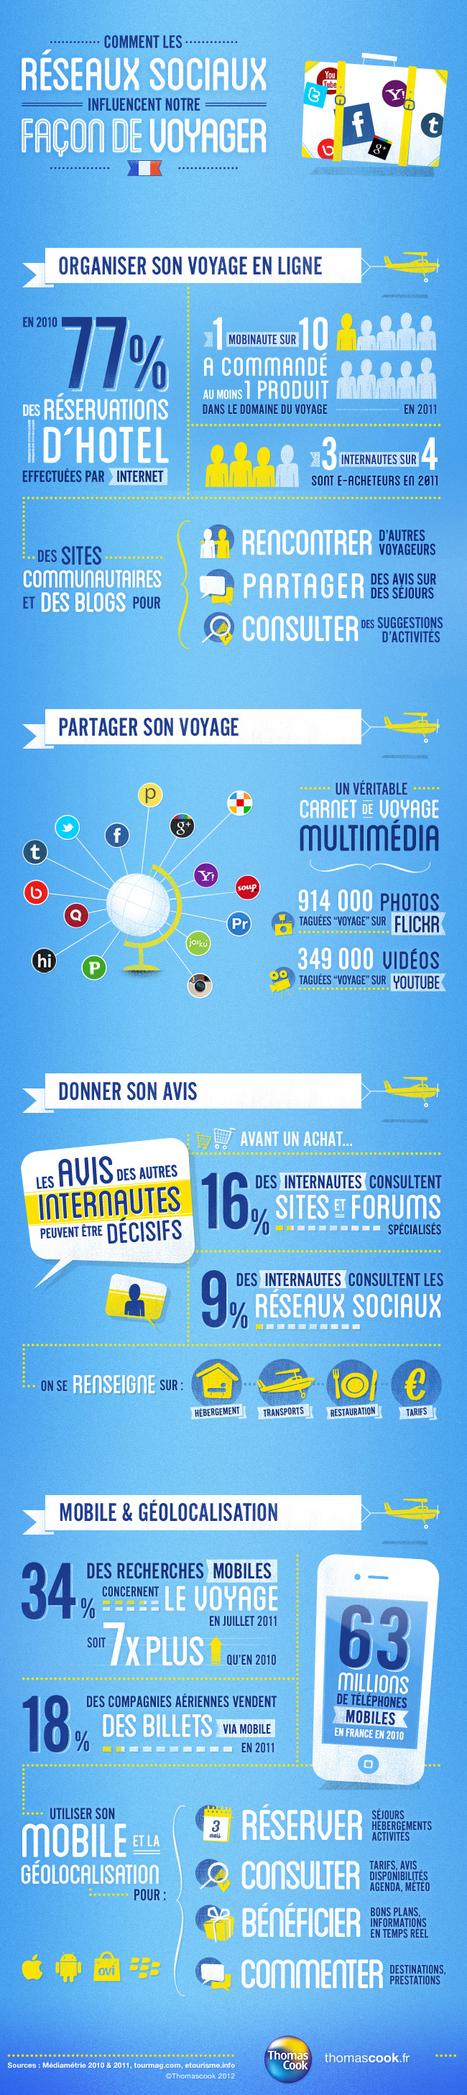 Infographie : voyages et réseaux sociaux | Infographies social media | Scoop.it